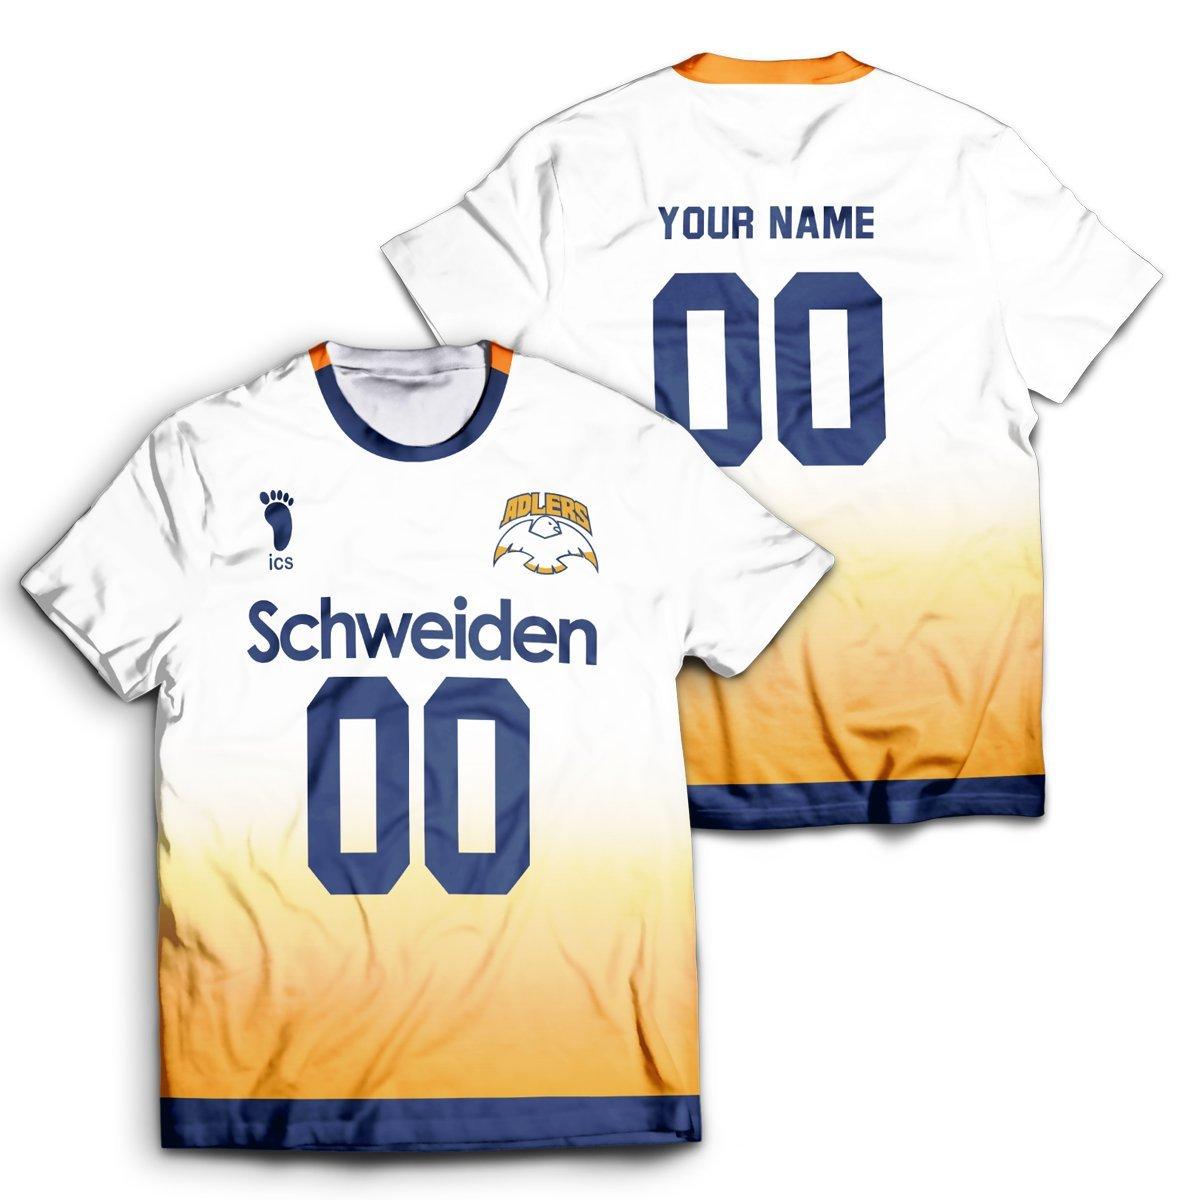 Personalized Schweiden Adlers Unisex T-Shirt FDM2909 S Official Otaku Treat Merch